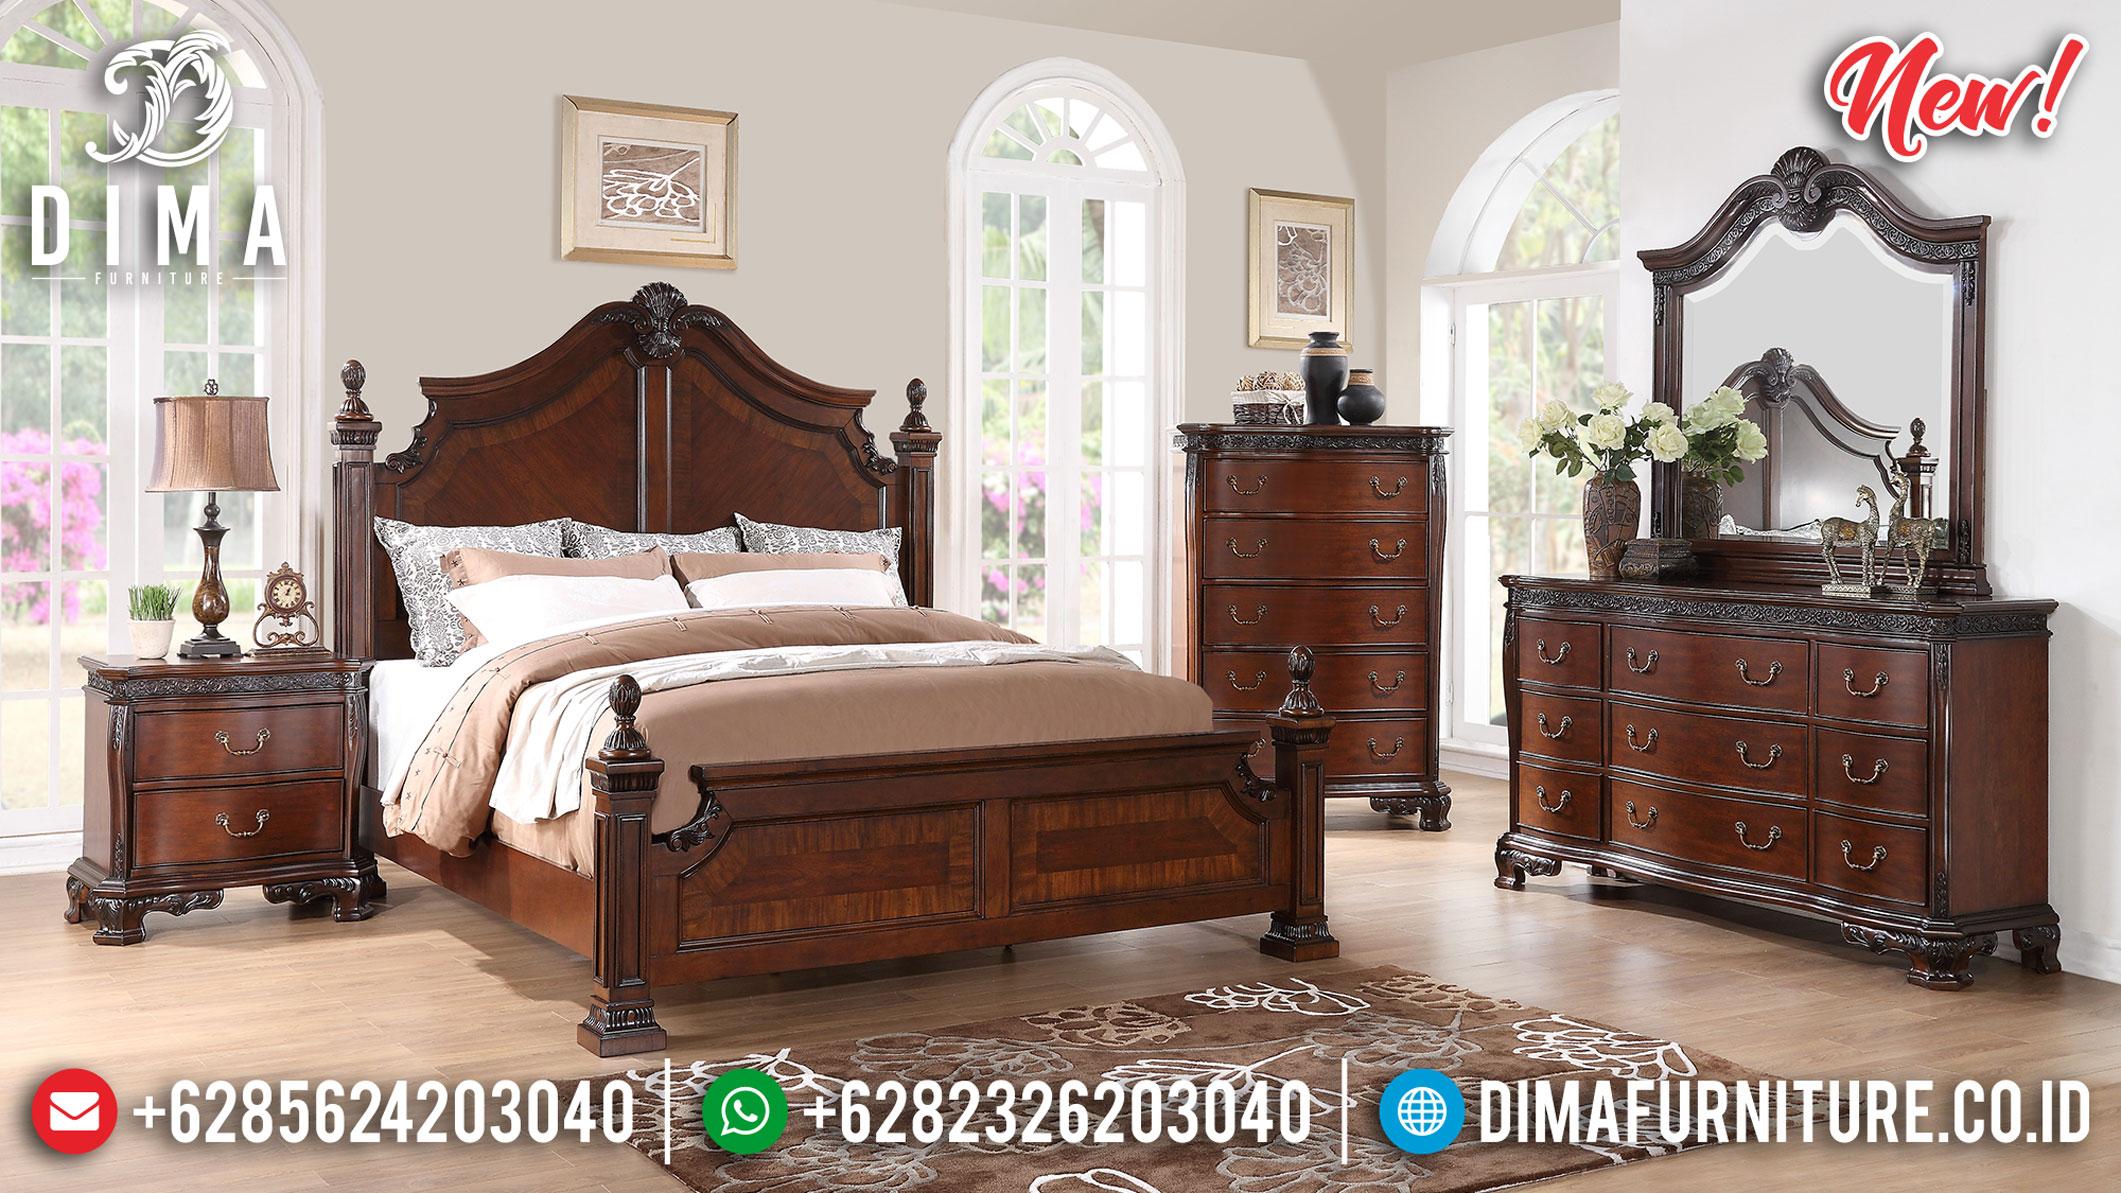 Desain Tempat Tidur Jati Classic Luxury Carving Natural Mebel Jepara Murah BT-0901